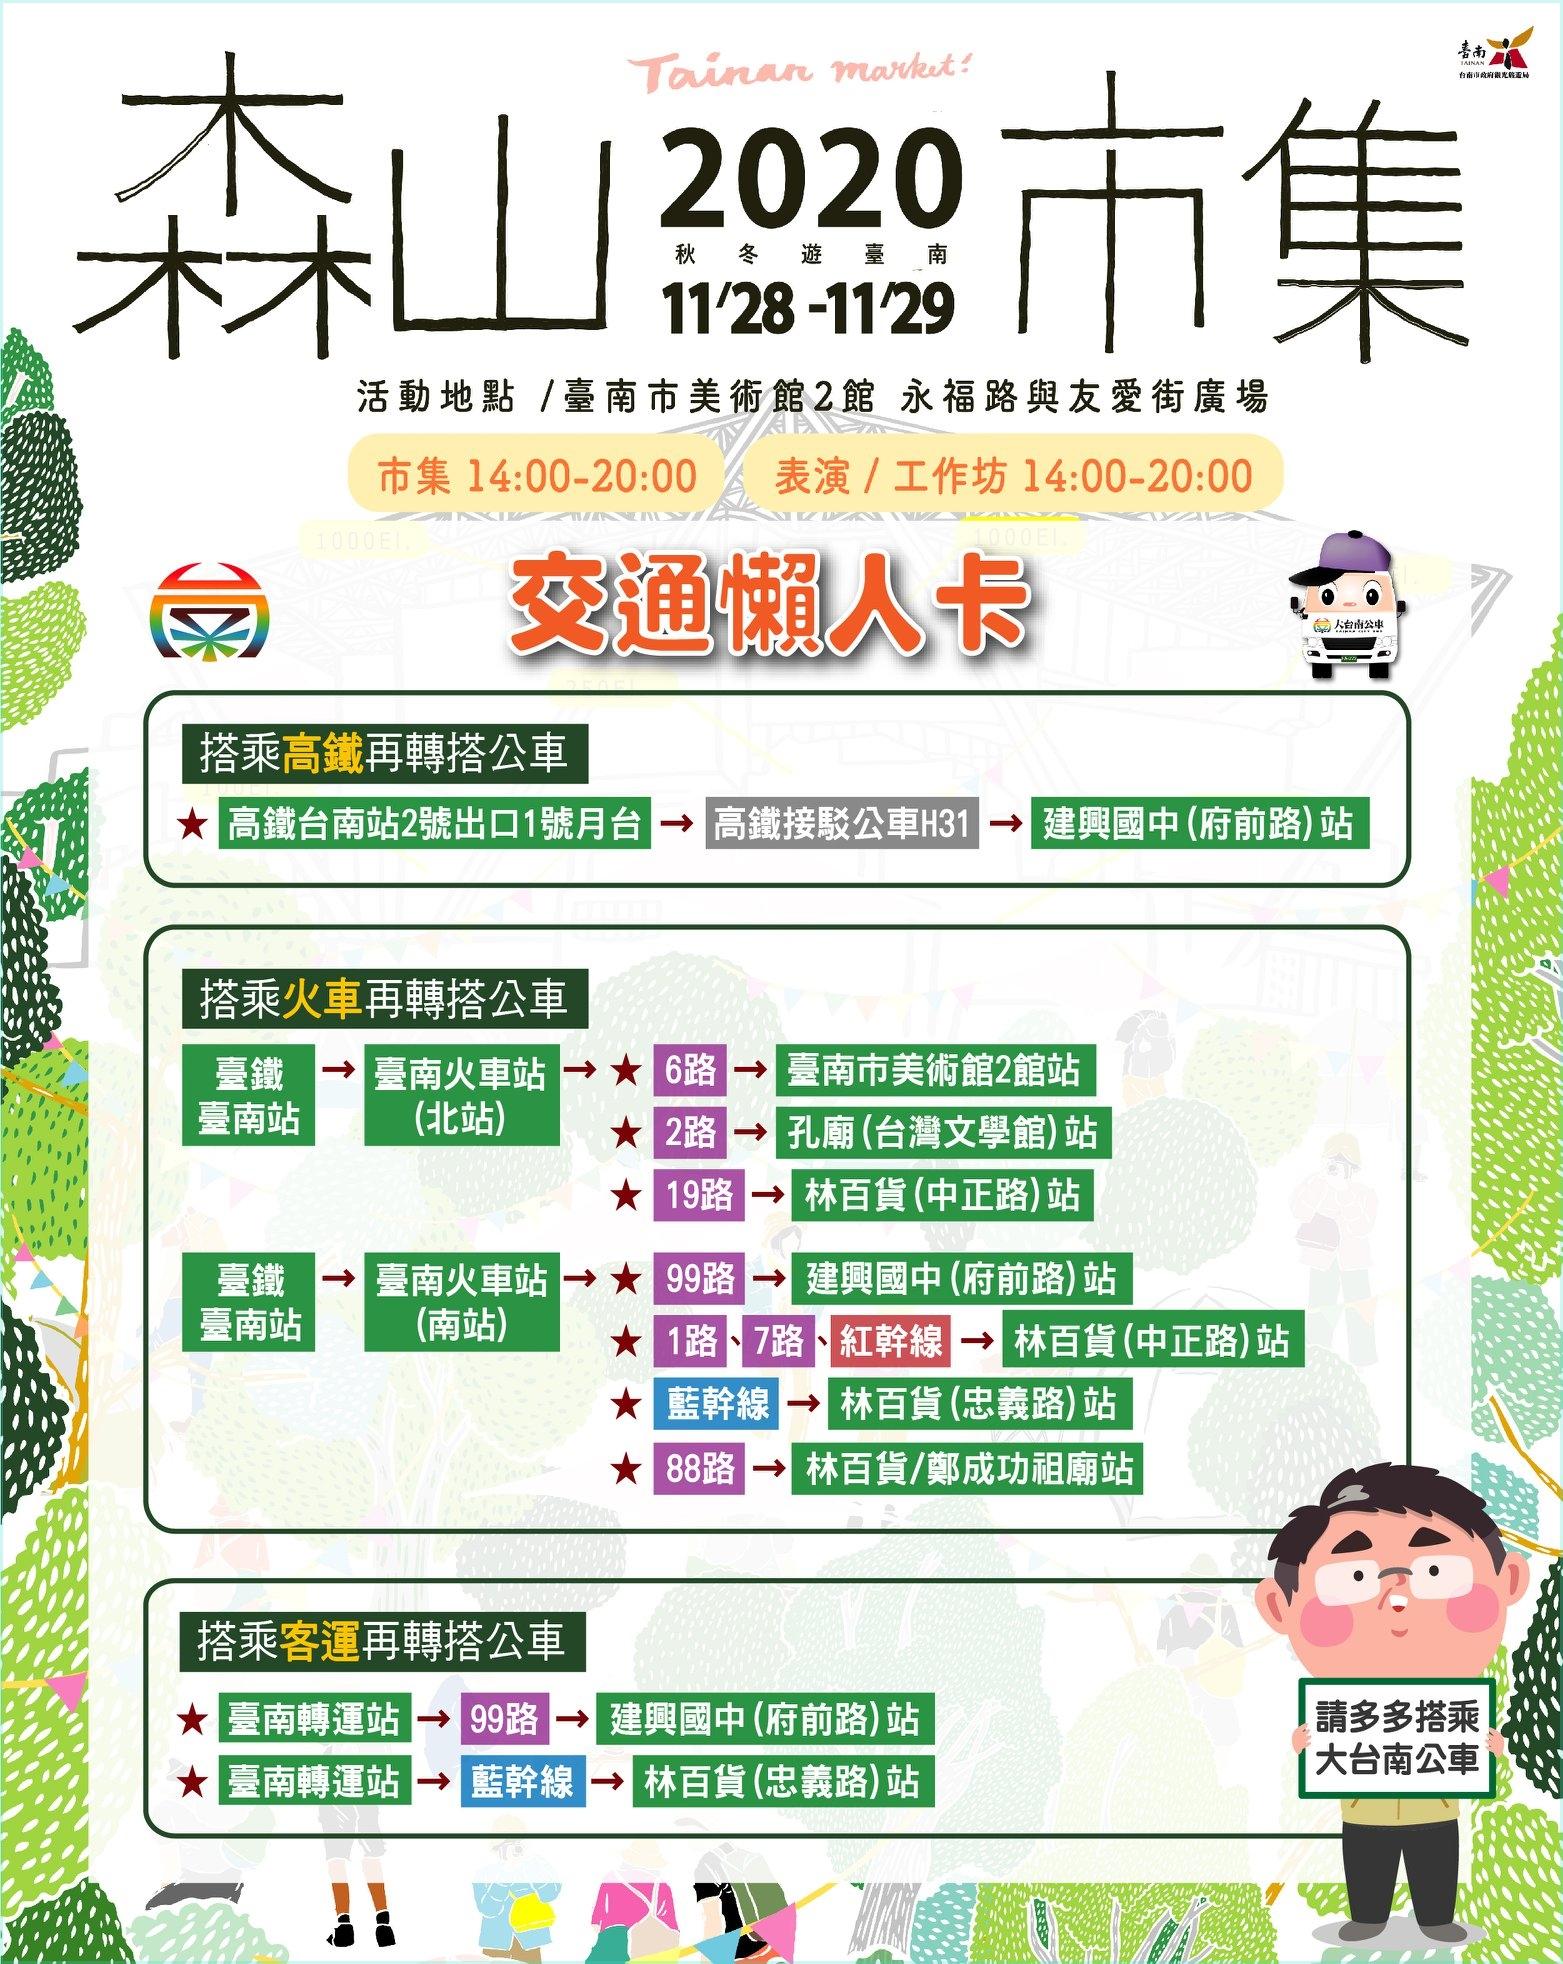 2020森山市集。把美術館變成一座山|11/28、11/29感受台南最美市集的高度